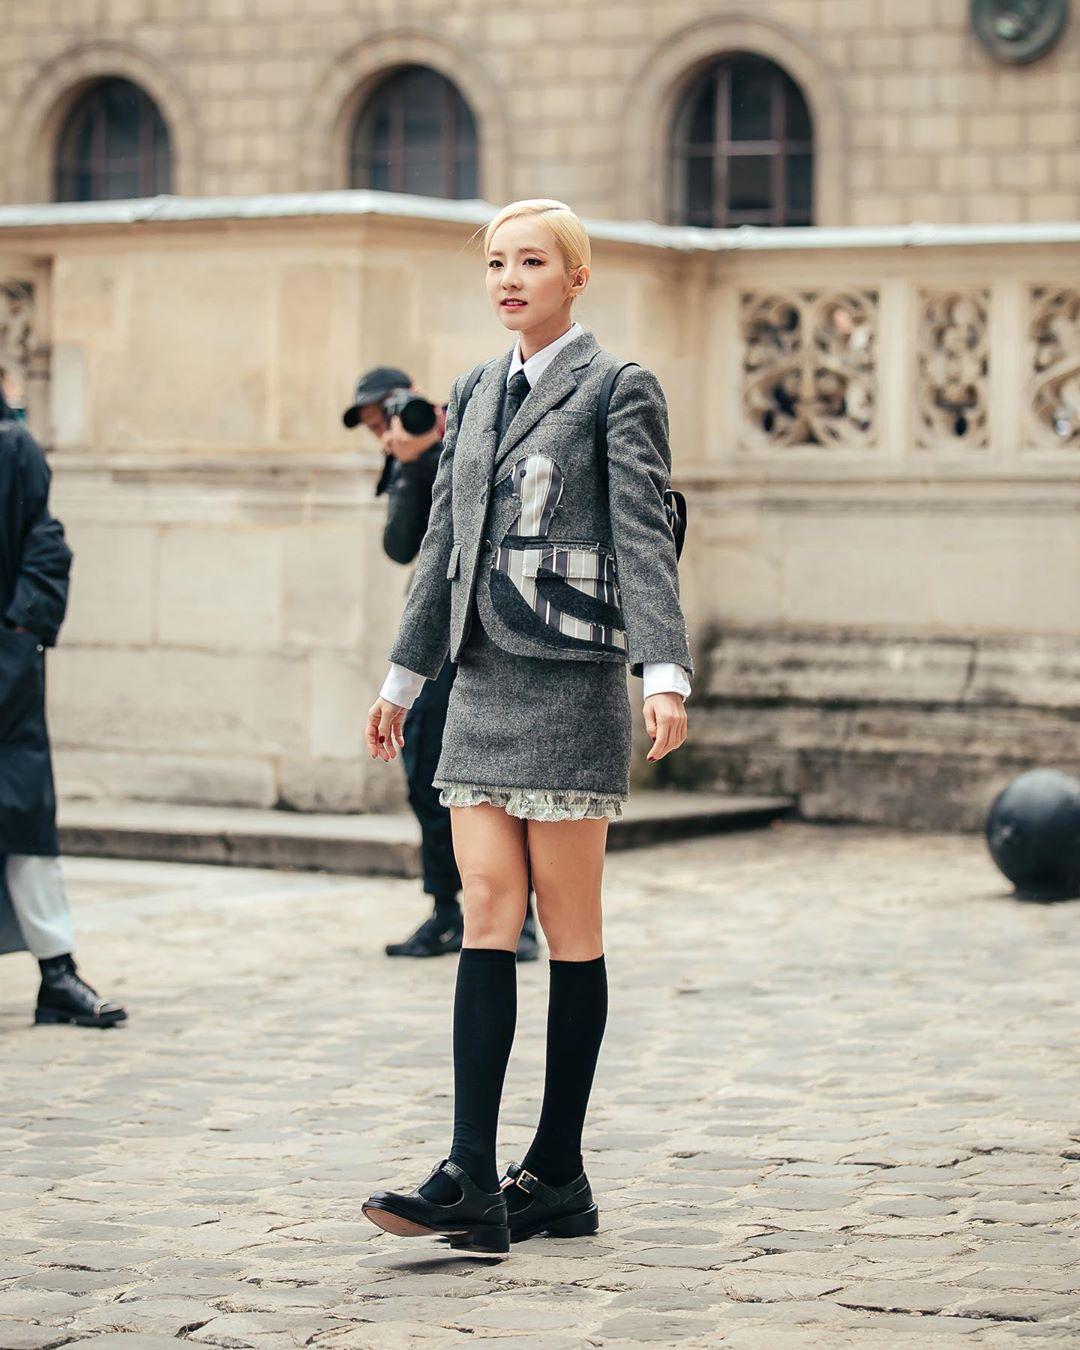 Giày loafer đen cùng tất cao cổđậm chất học đường